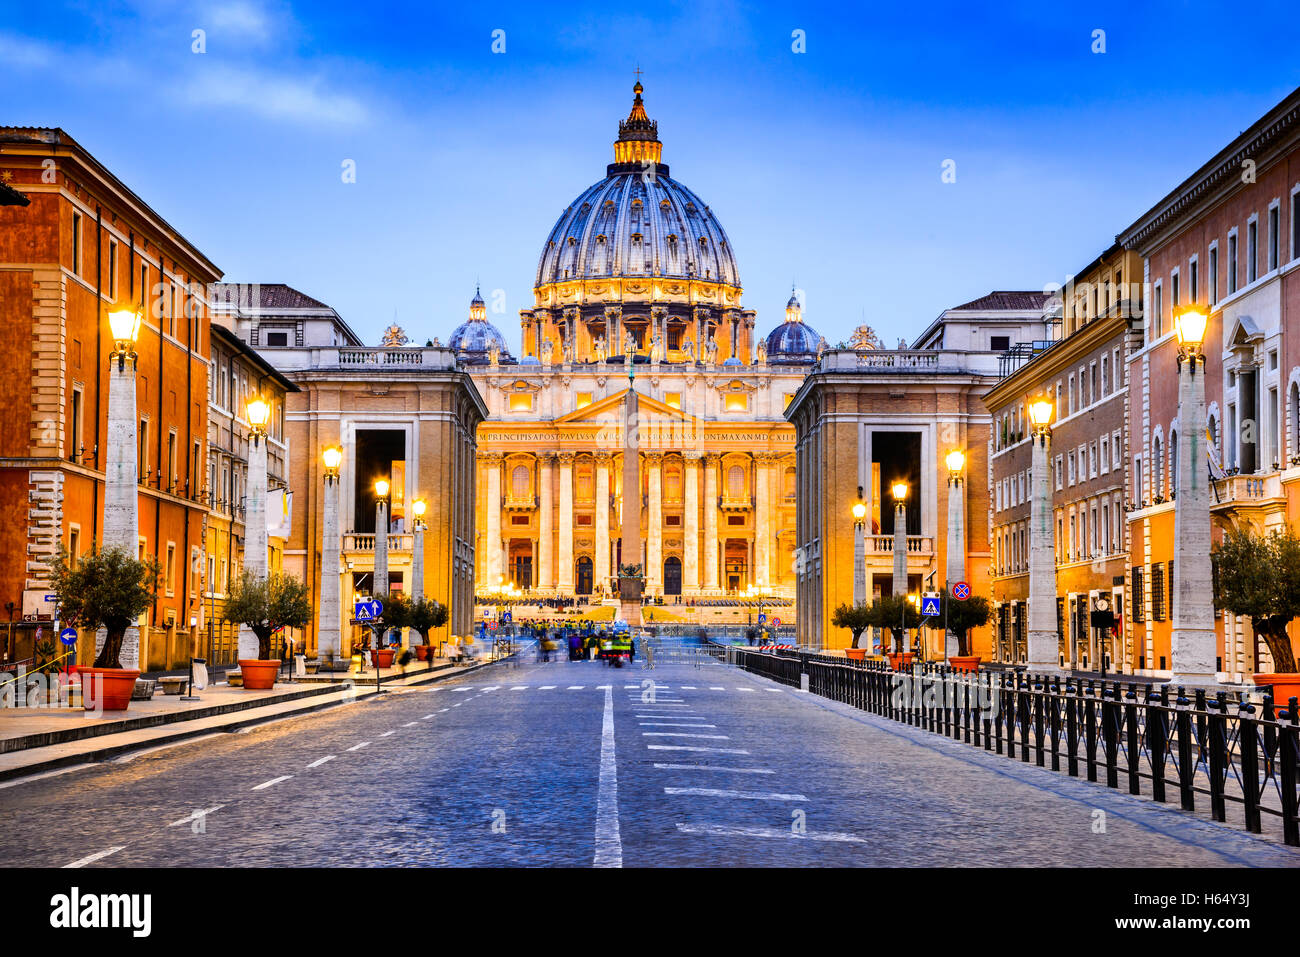 Rom, Italien. Die päpstliche Basilika von St. Peter im Vatikan (Basilica Papale di San Pietro in Vaticano) Stockbild